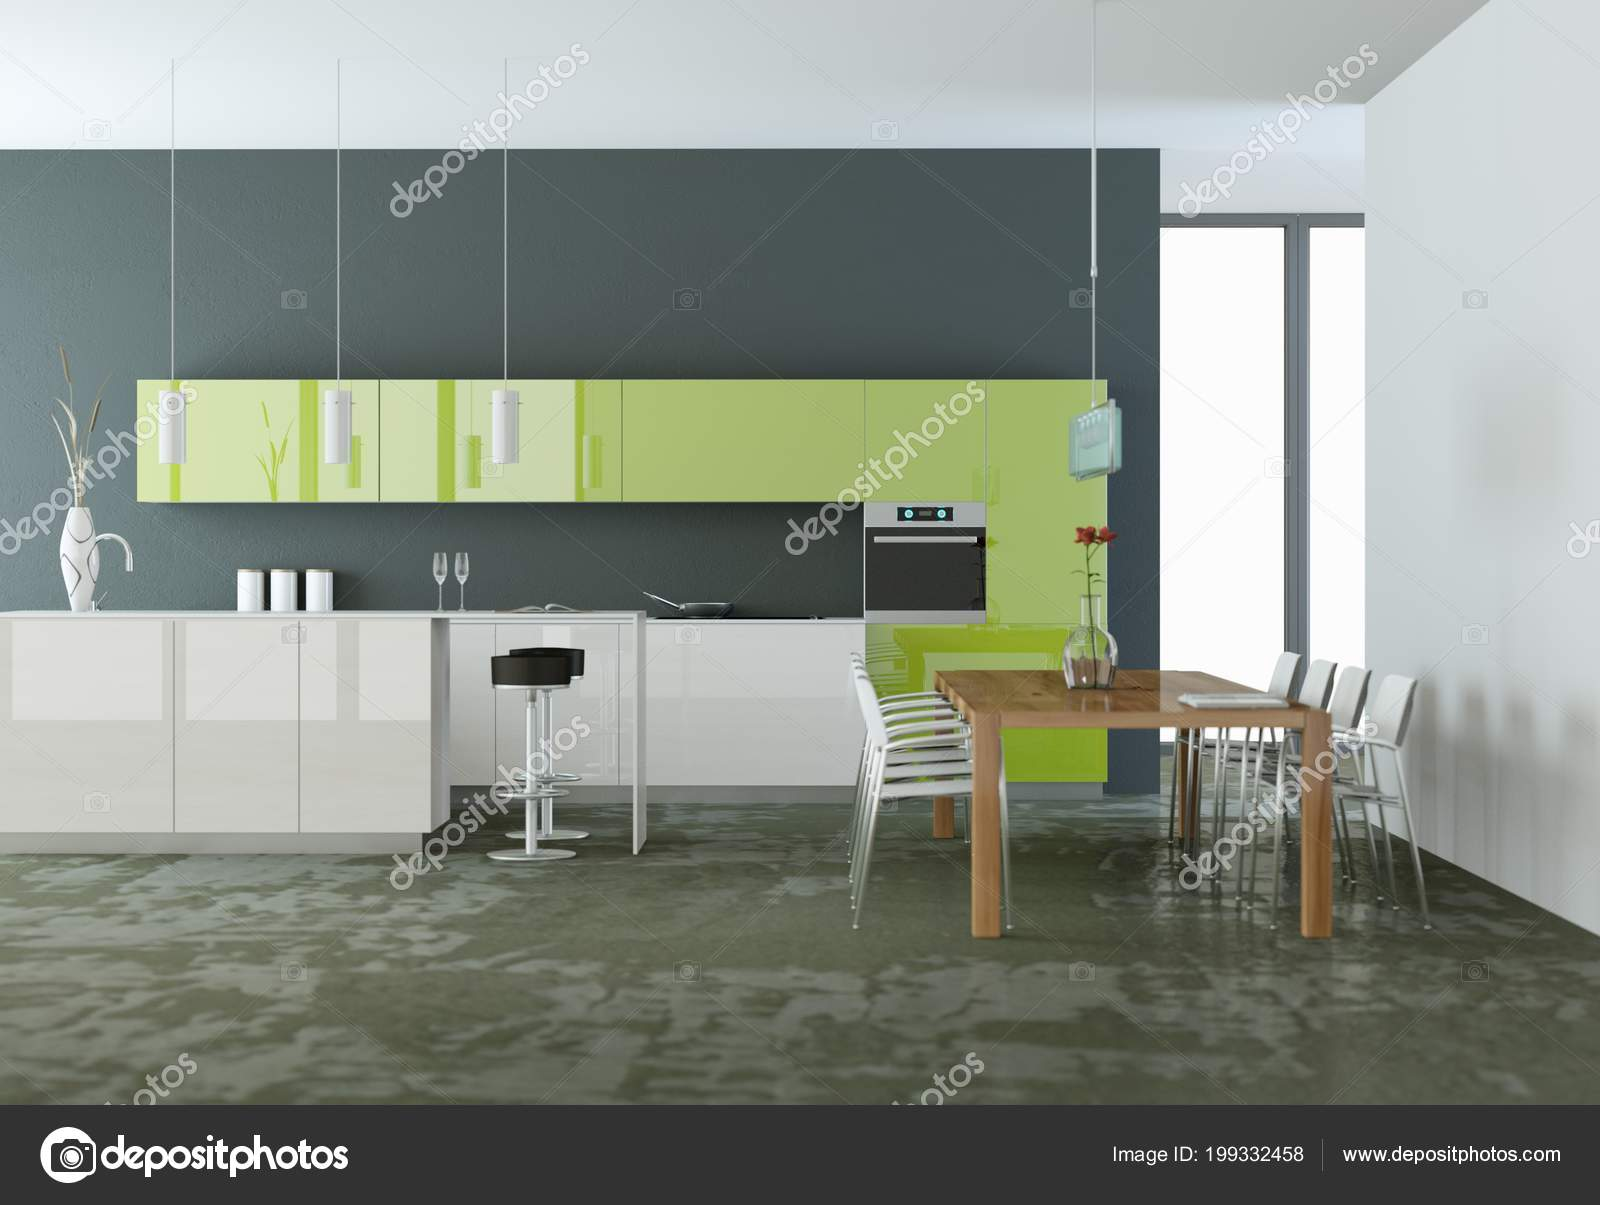 Cucina moderna verde in una camera con parete grigia — Foto ...